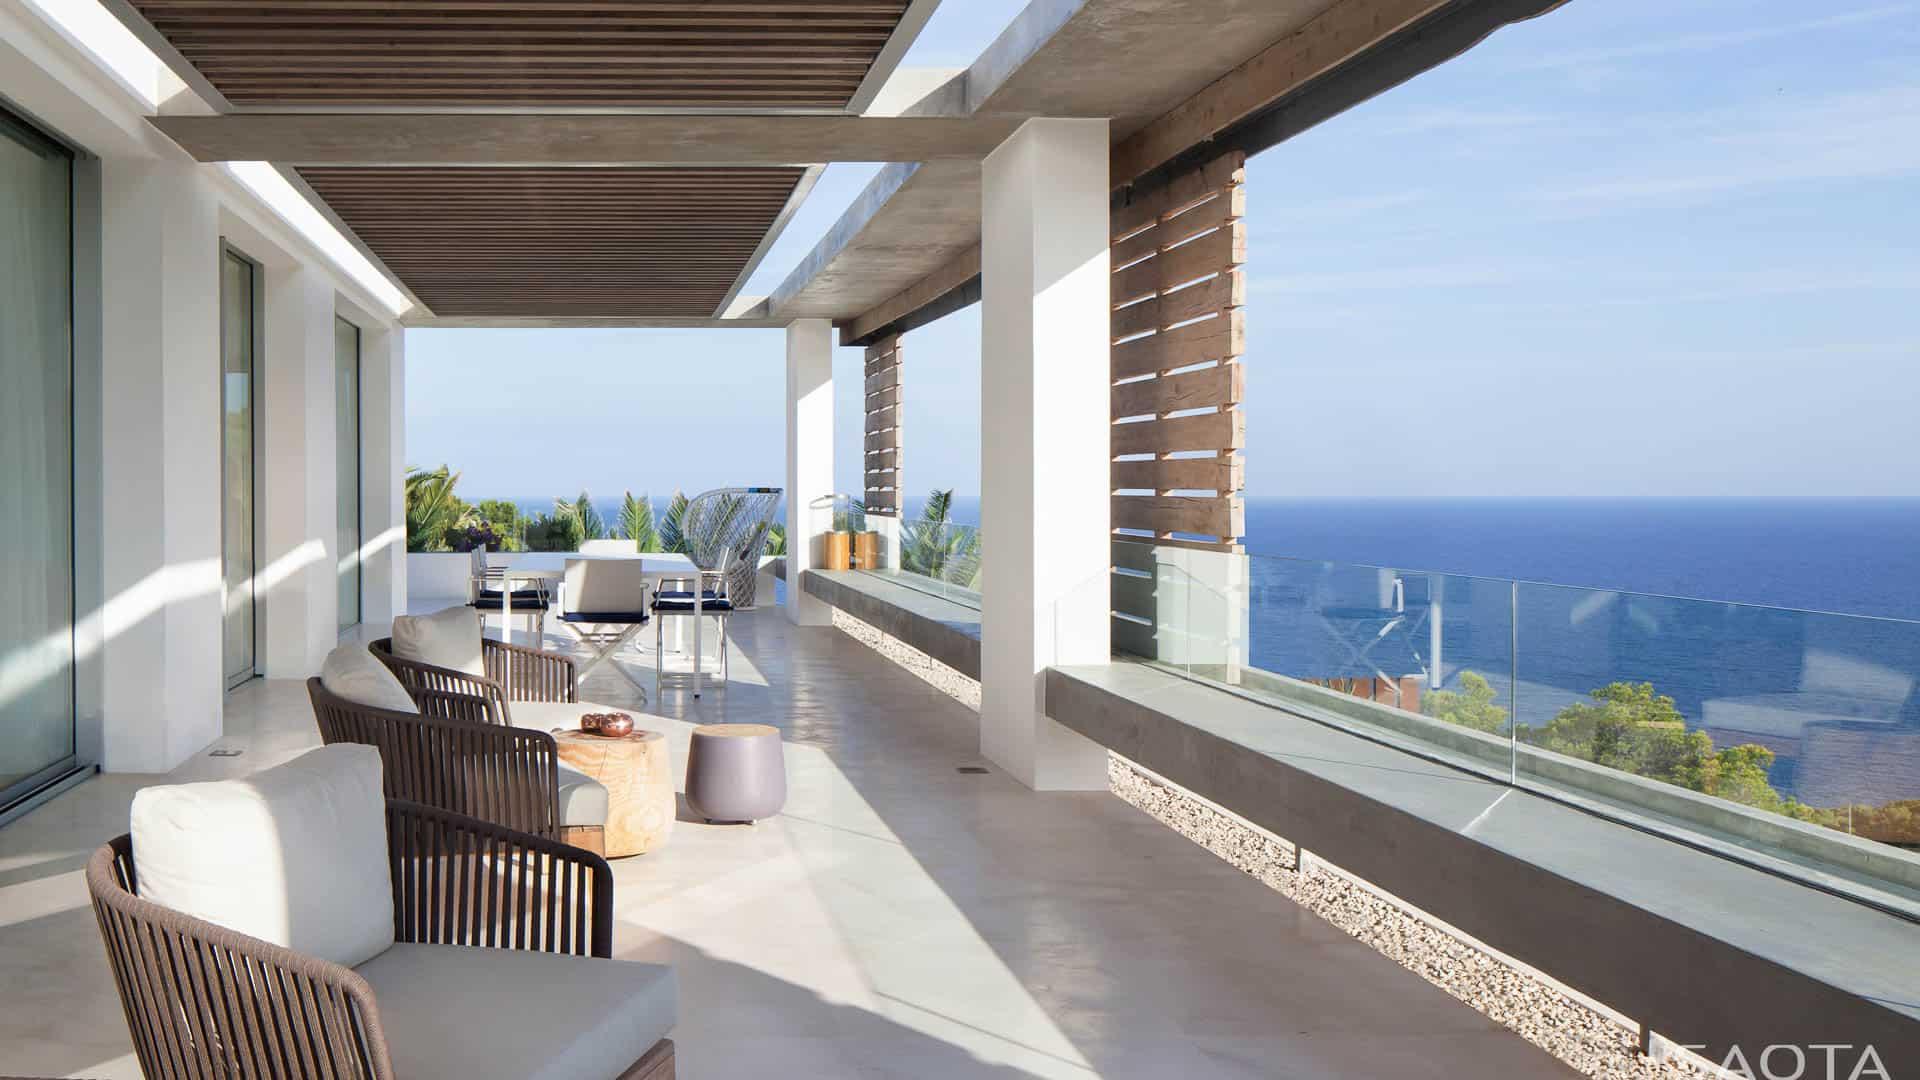 Modern Villa-Ibiza-SAOTA-10-1 Kindesign